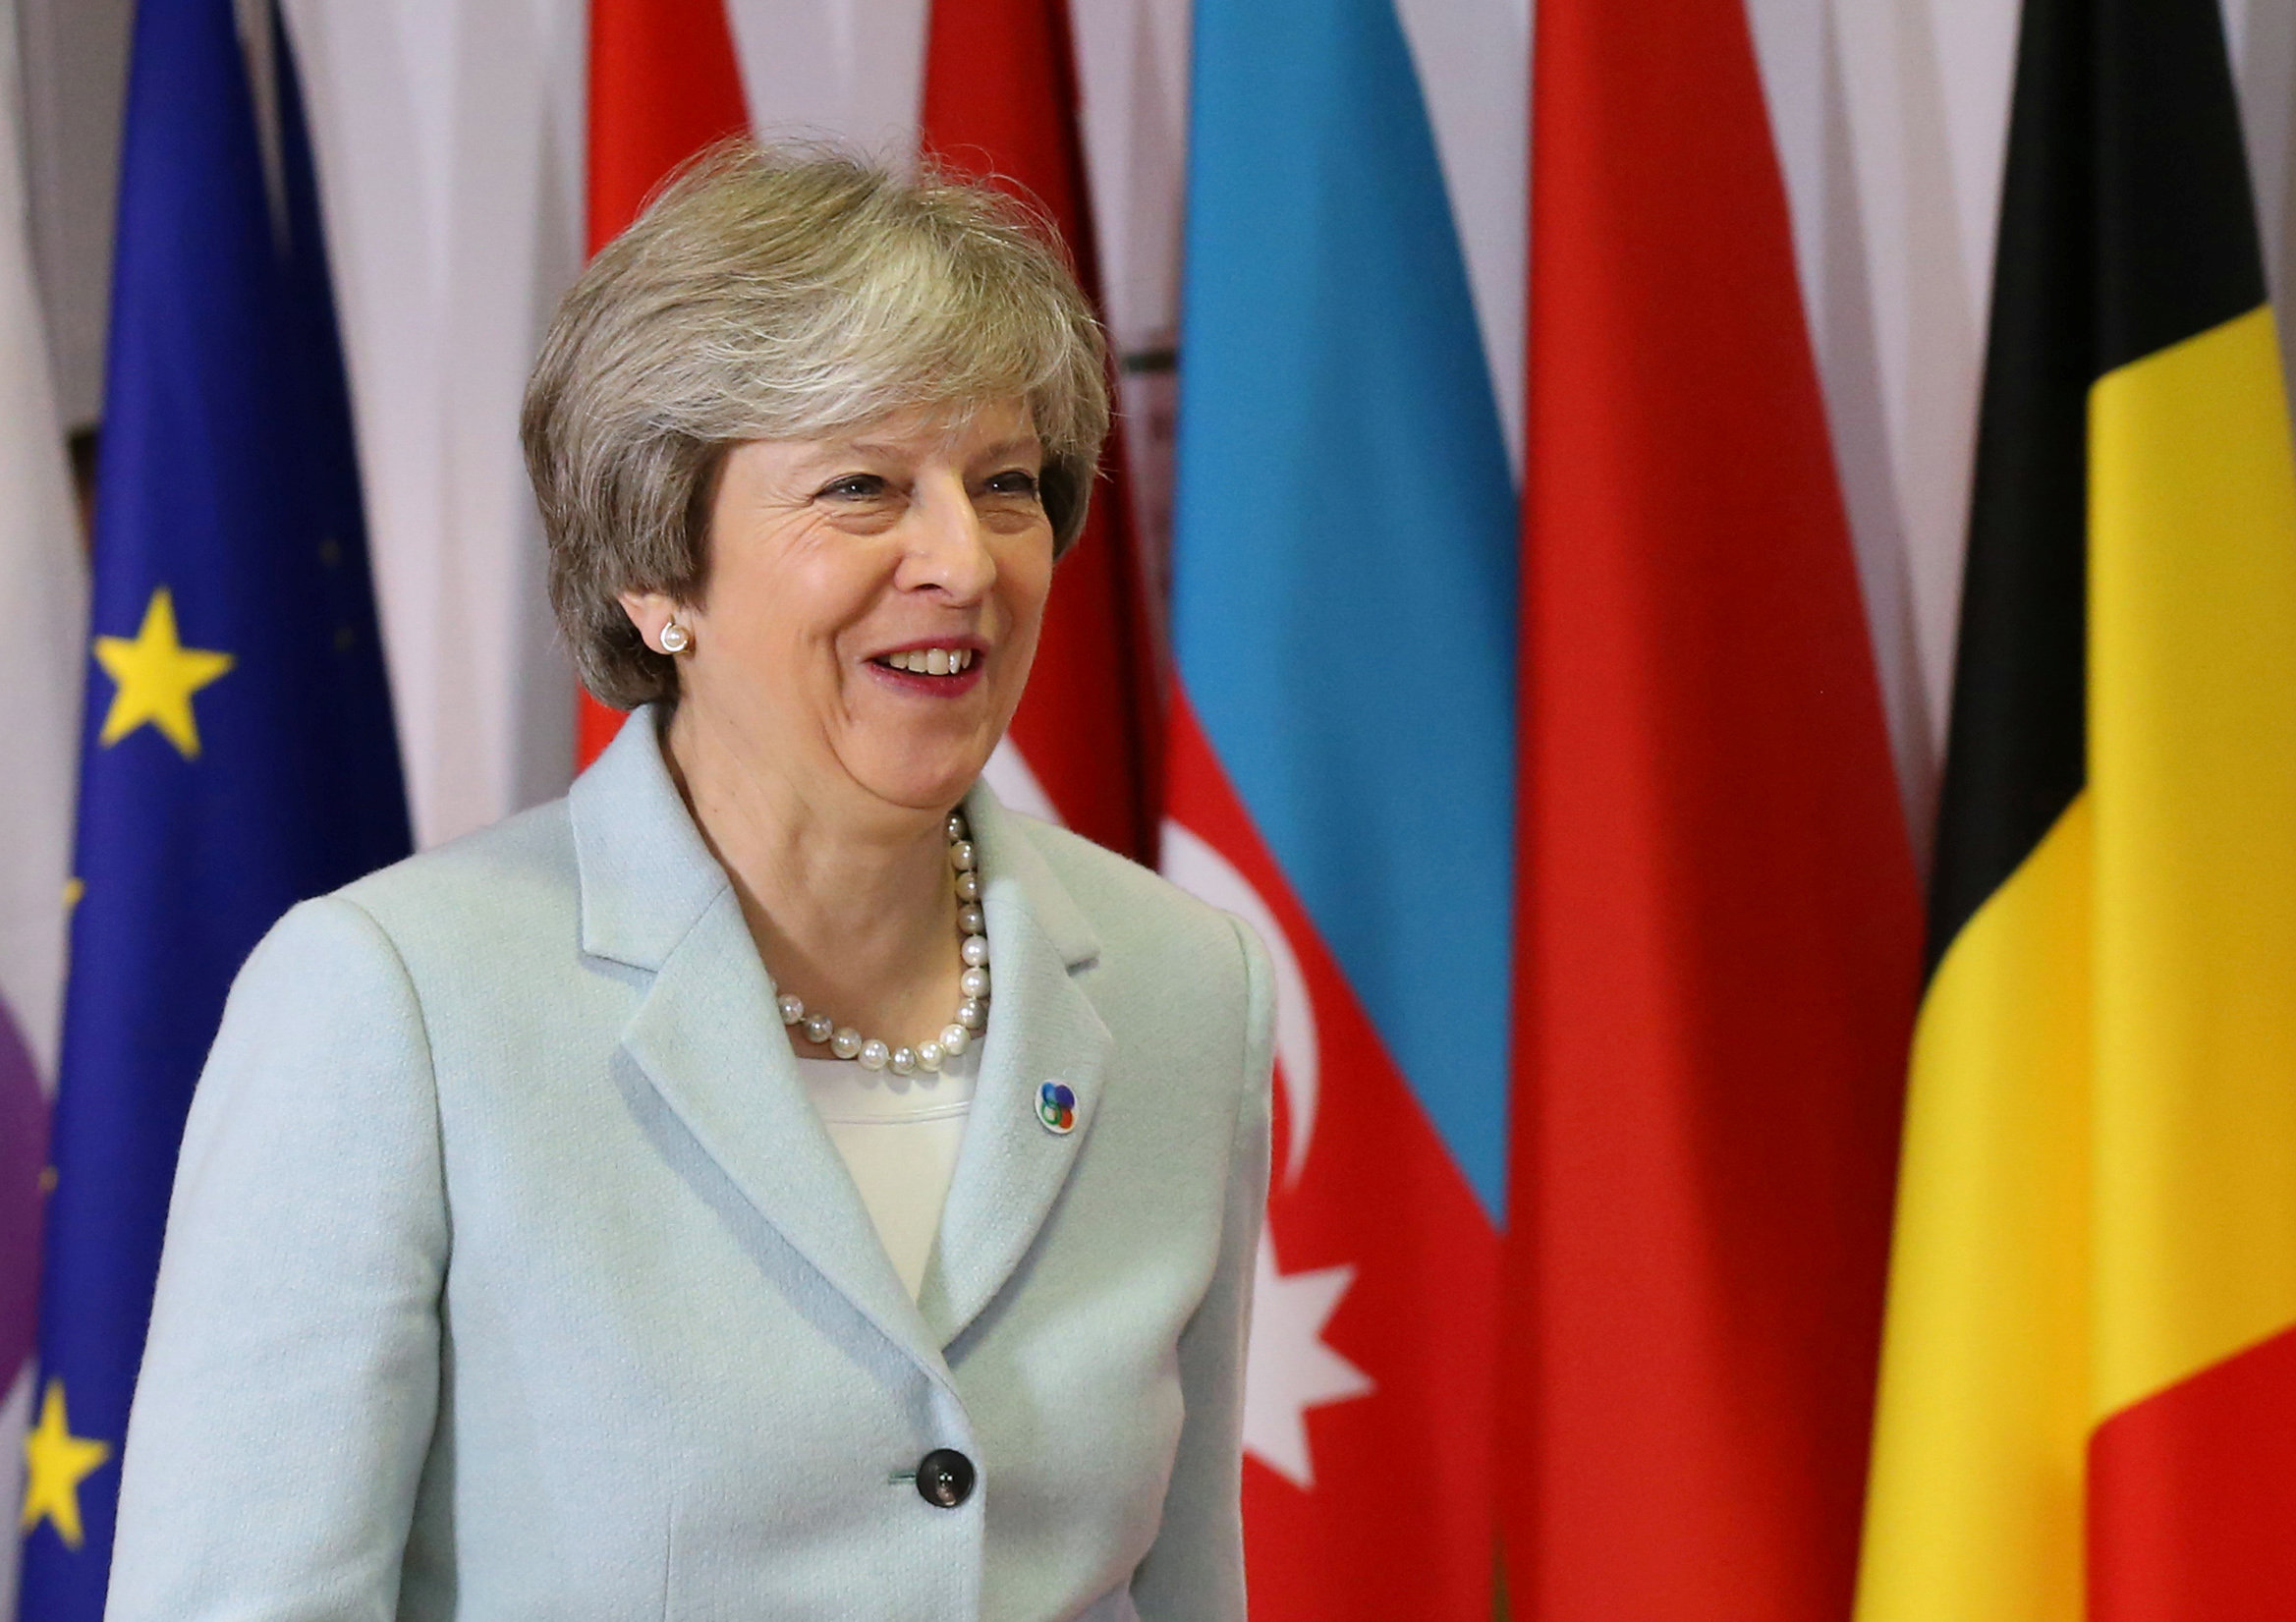 Theresa May visits Saudi Arabia, Jordan to boost ties